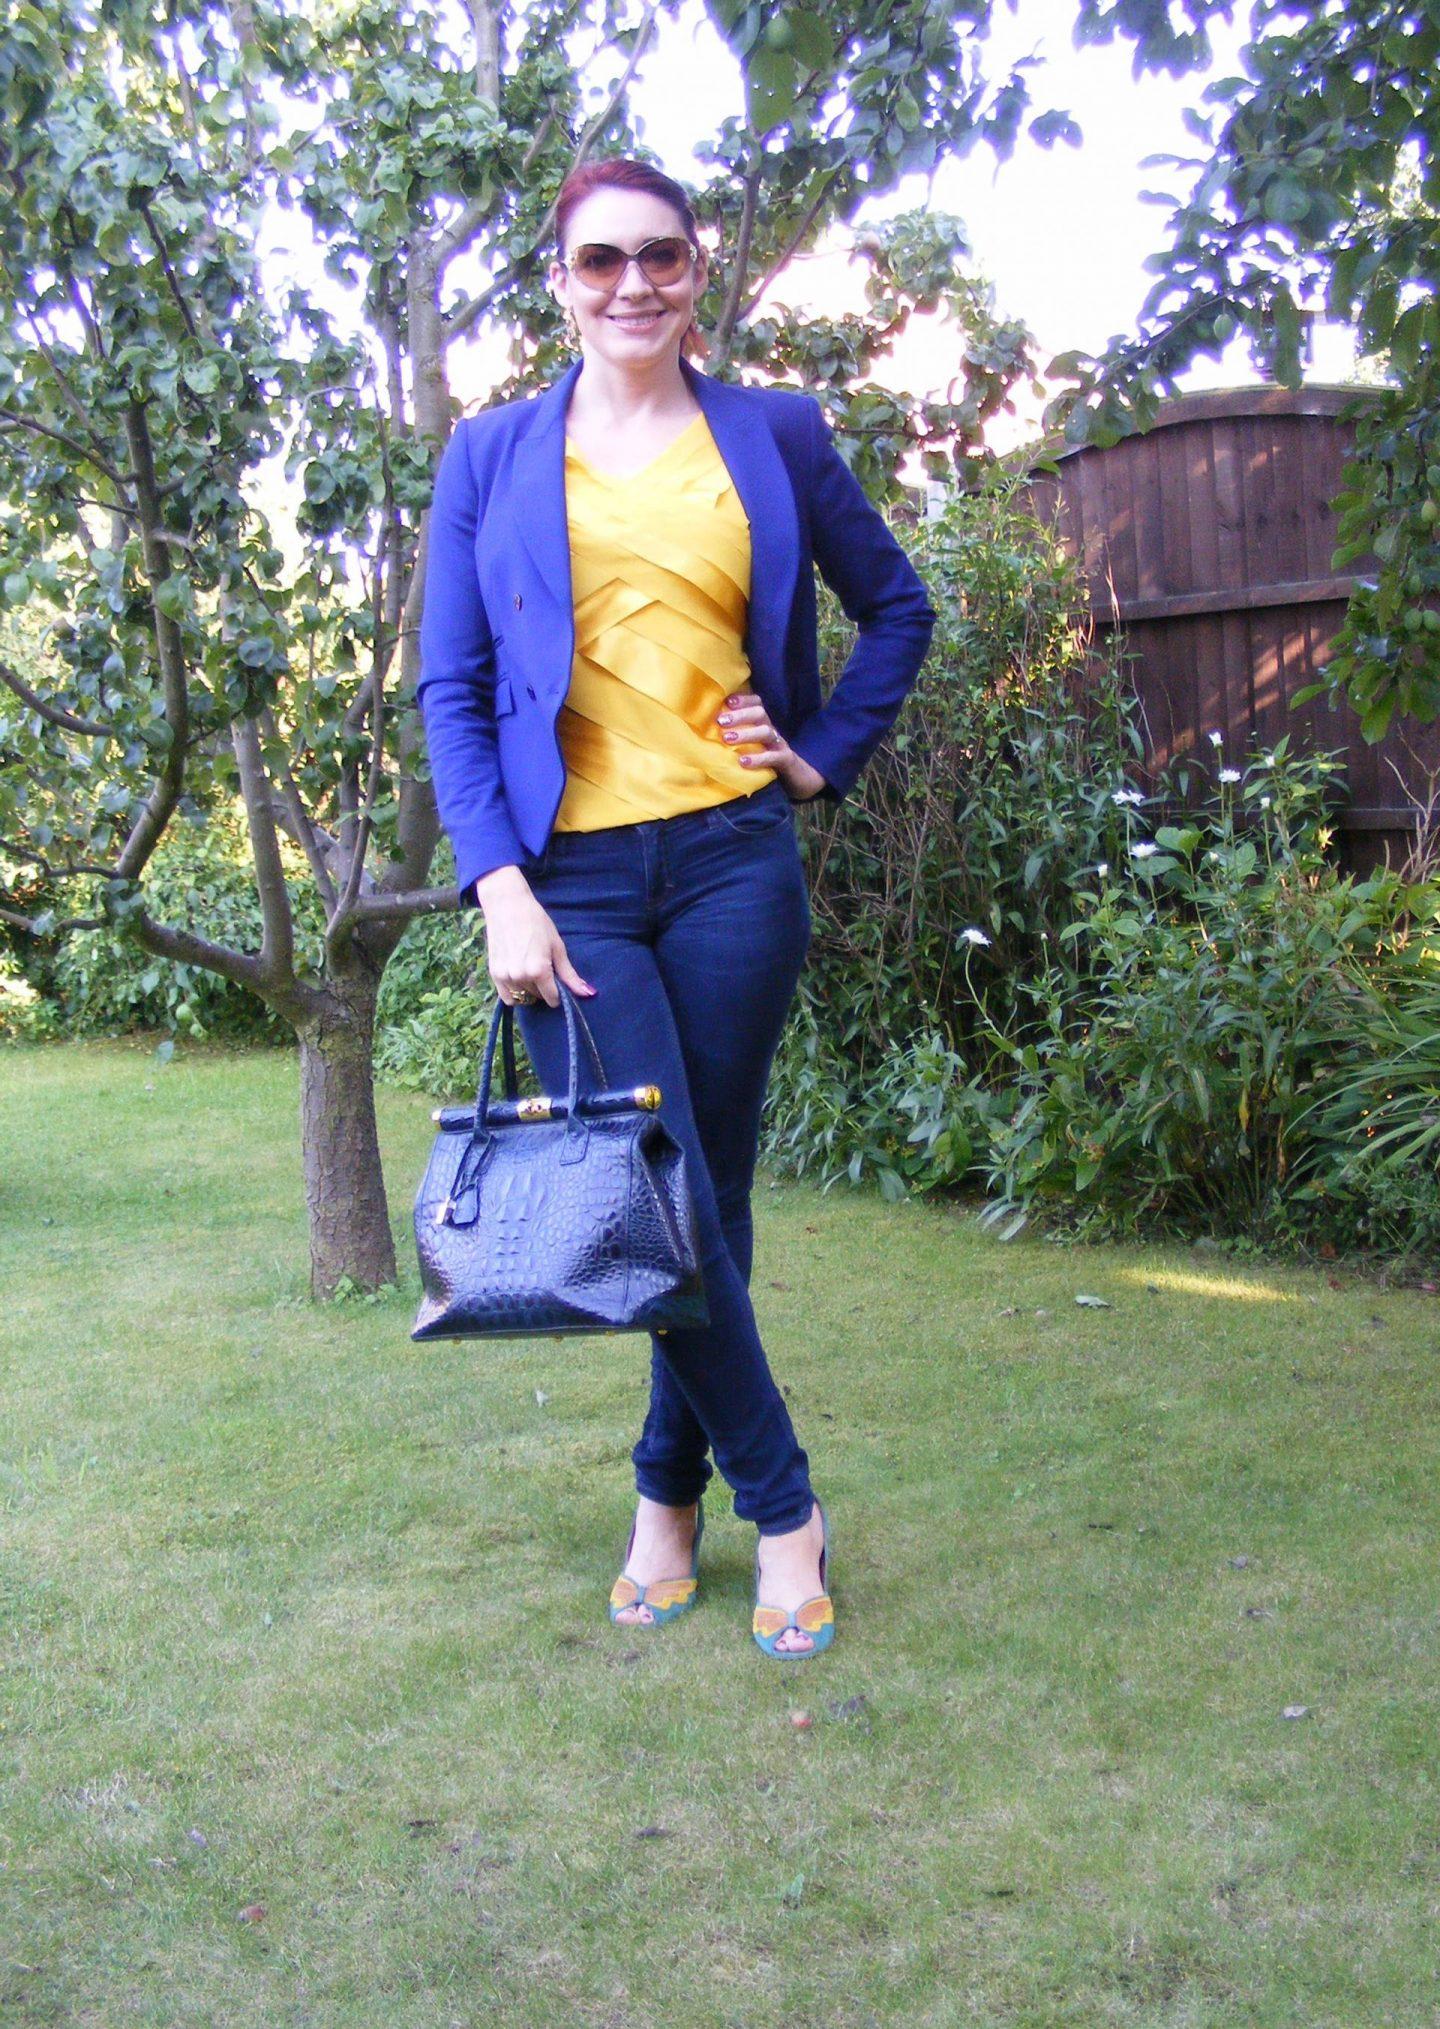 Sunshine and Blue Sky, Zara blue blazer, Ben de Lisi for Principles yellow top